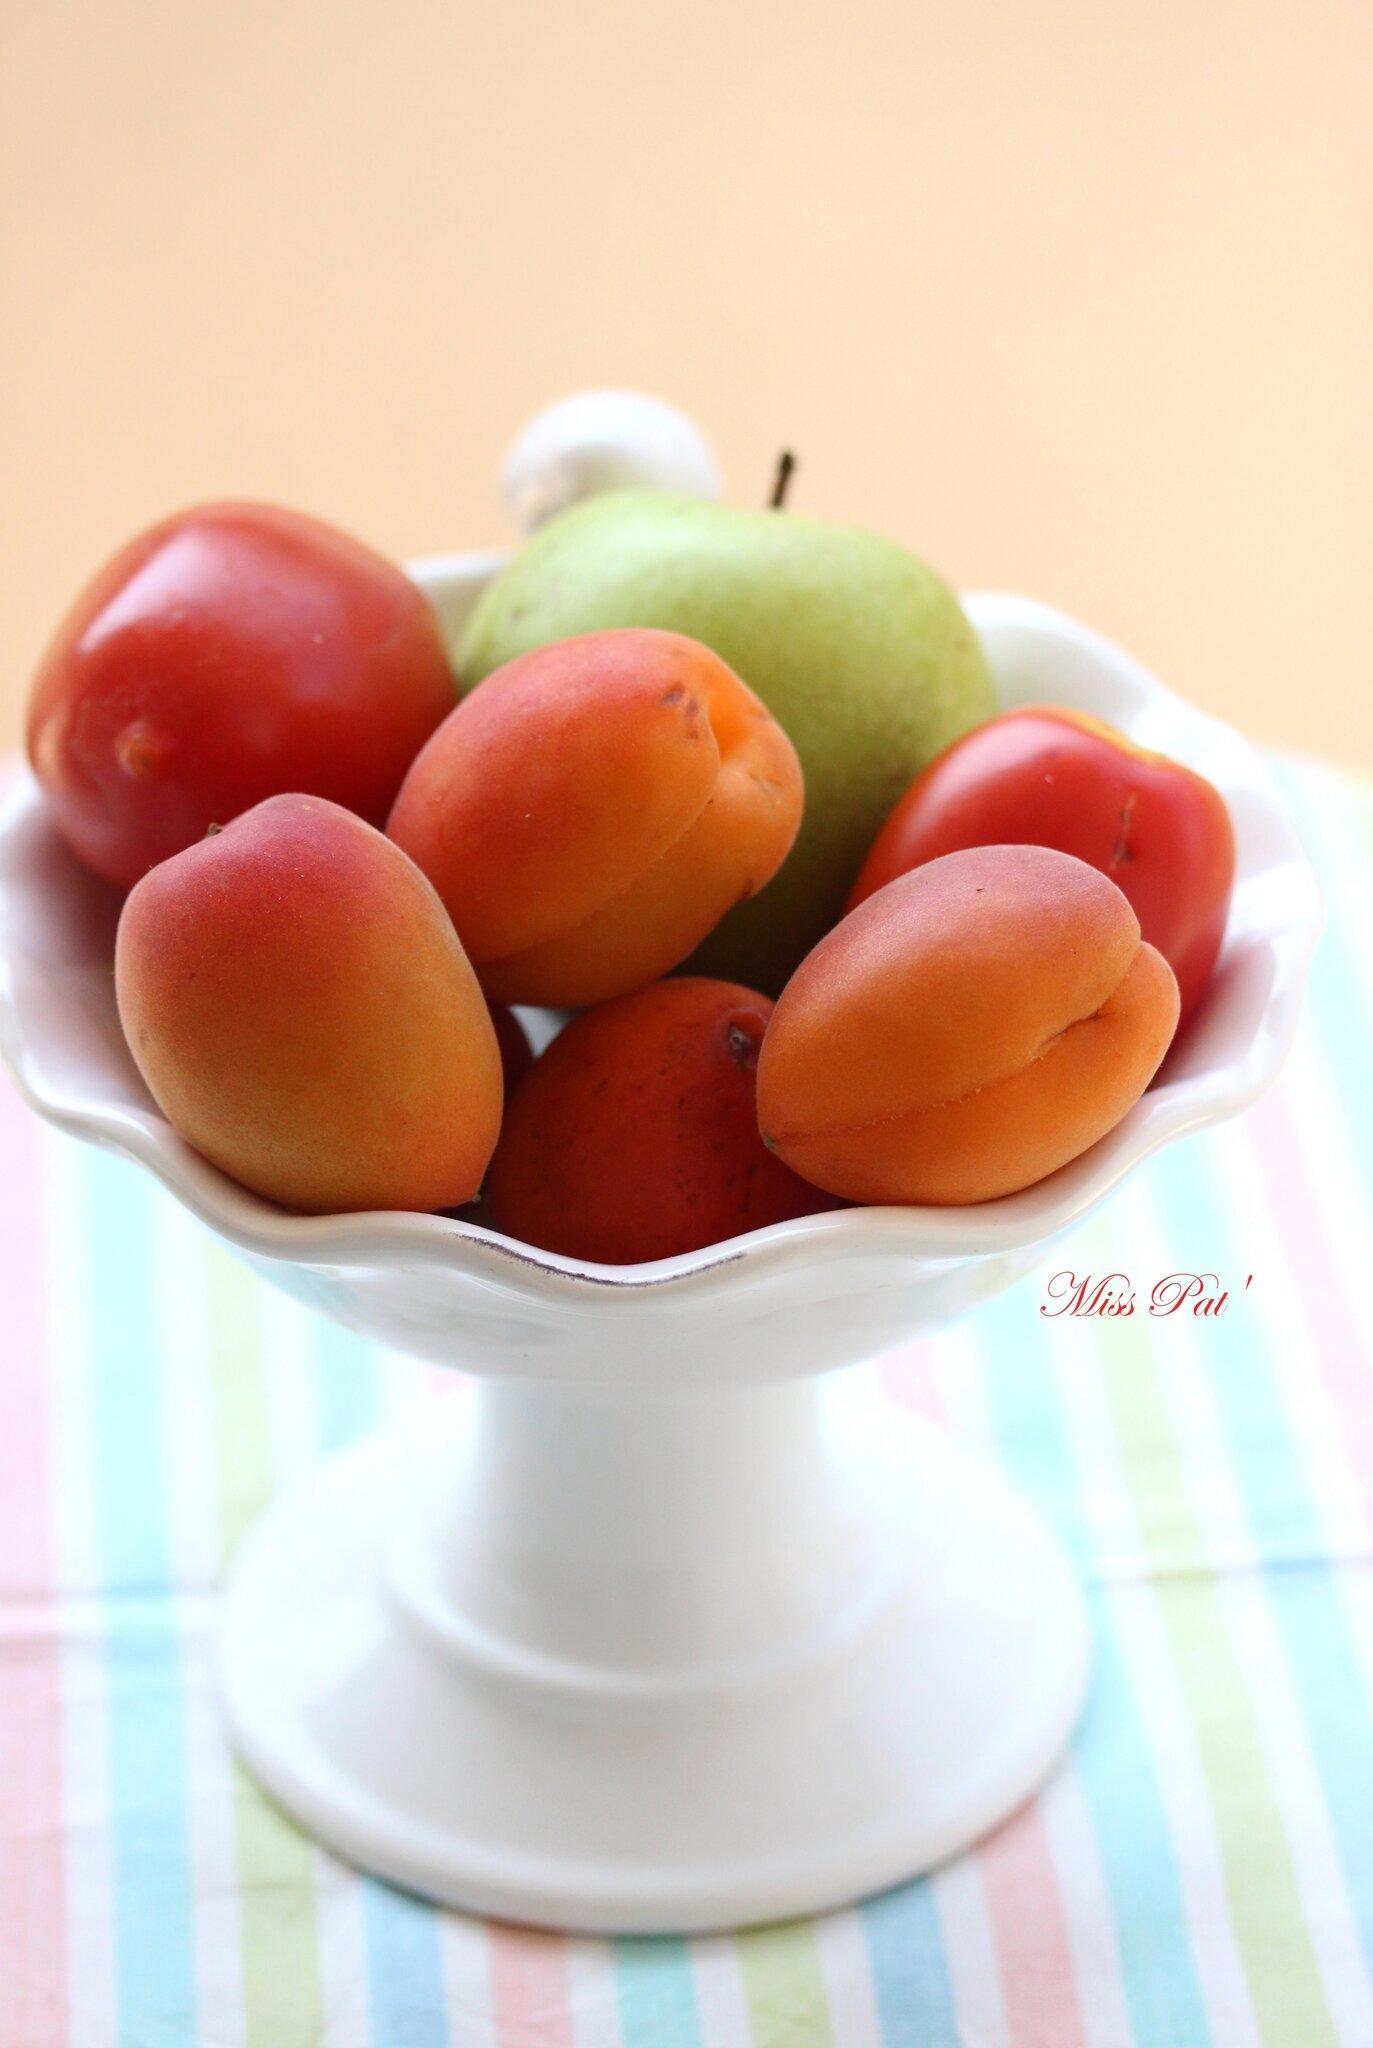 jus abricot tomate la cuisine bio de miss pat 39. Black Bedroom Furniture Sets. Home Design Ideas